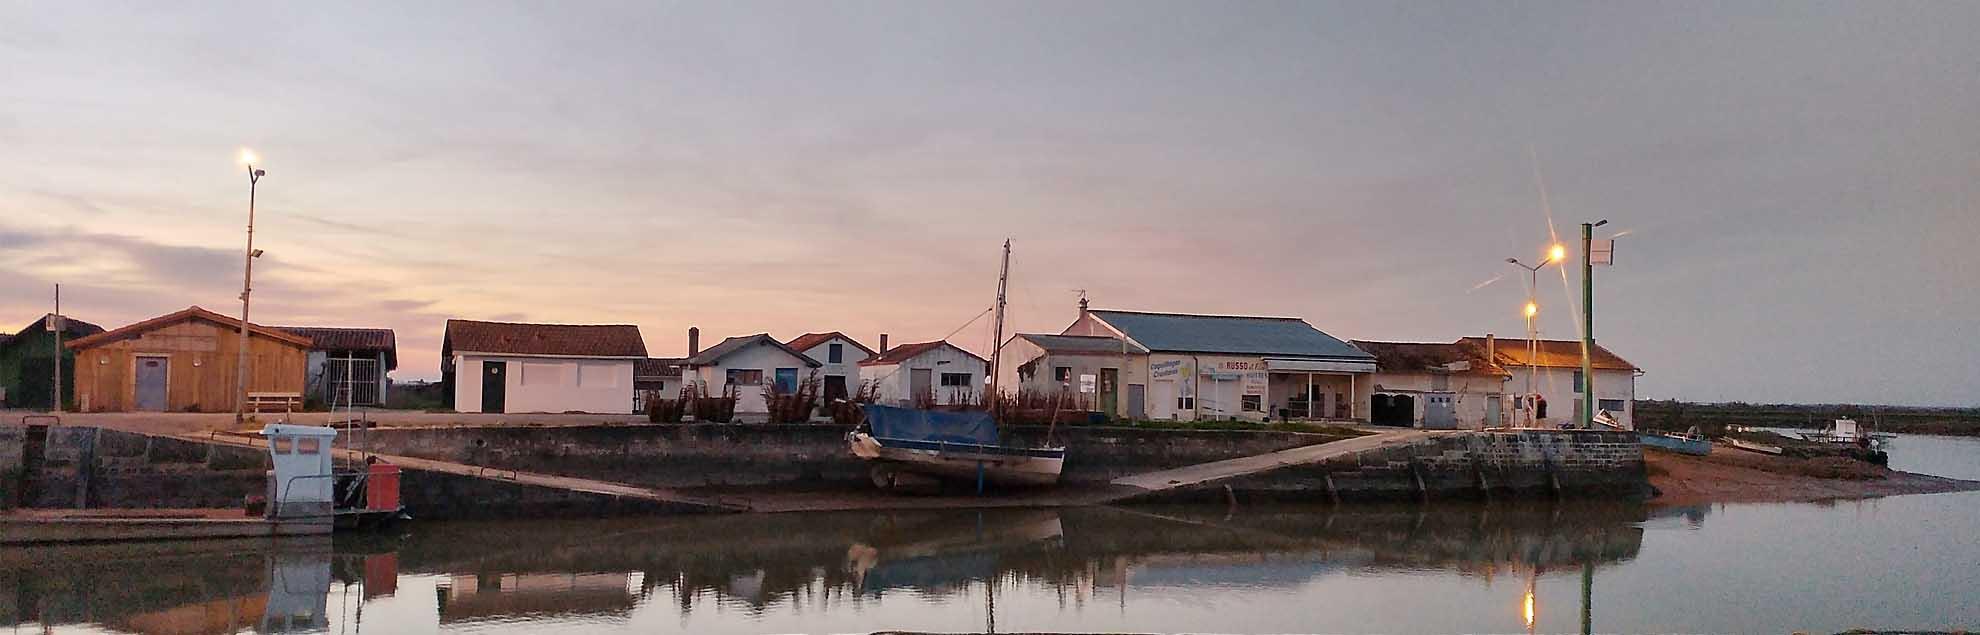 Le port de l'Aiguille